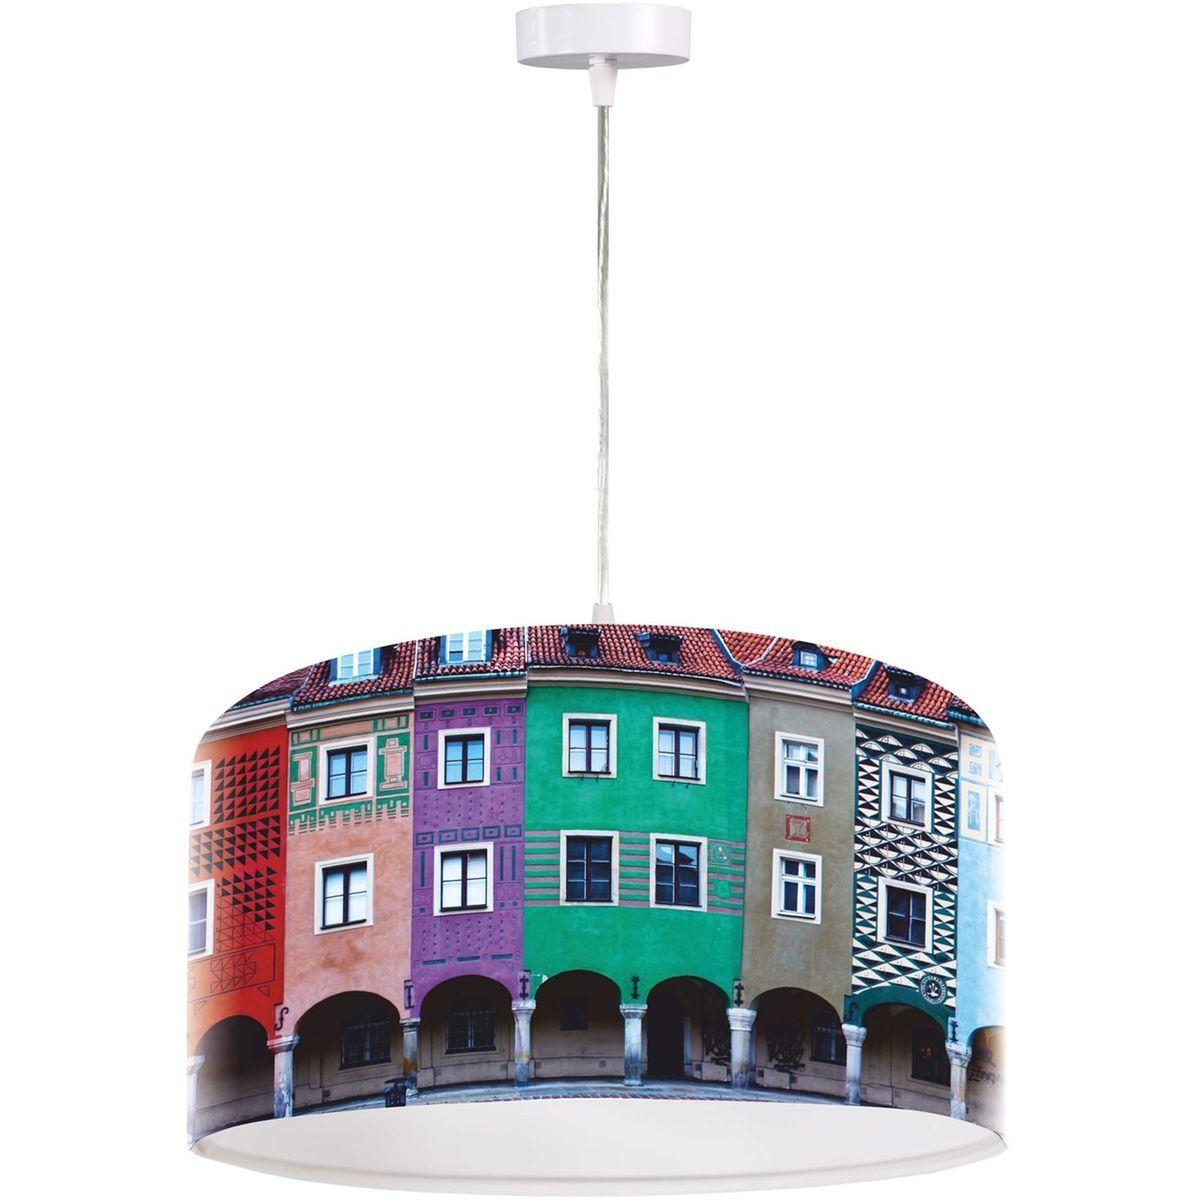 Football Lampe e27 30cm mural chambre enfant deco murale éclairage lampe em intérieur